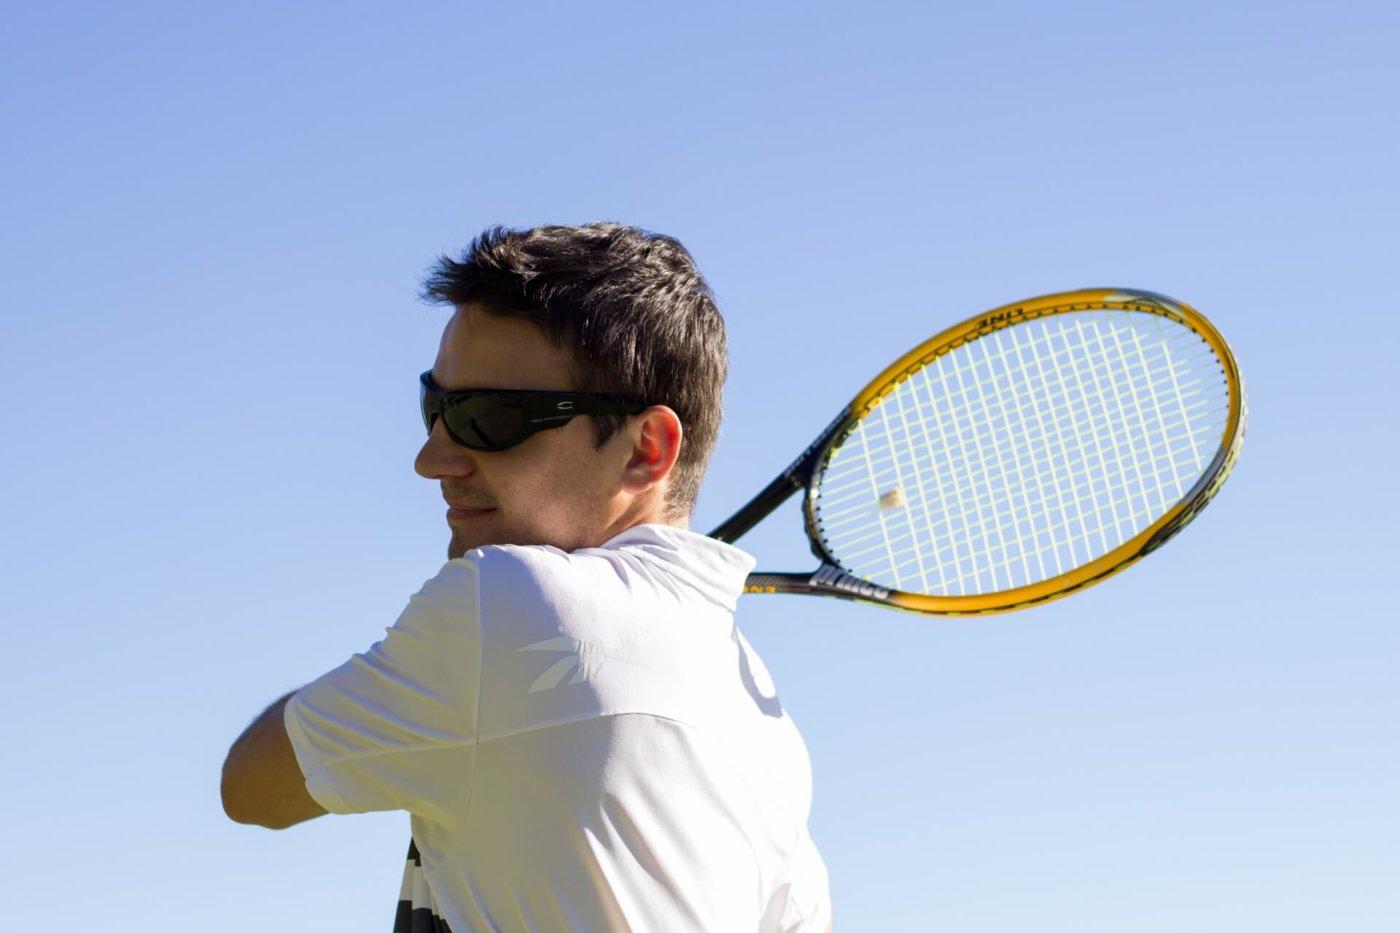 テニスに勝つためには筋トレは必要?テニス筋トレ事情!